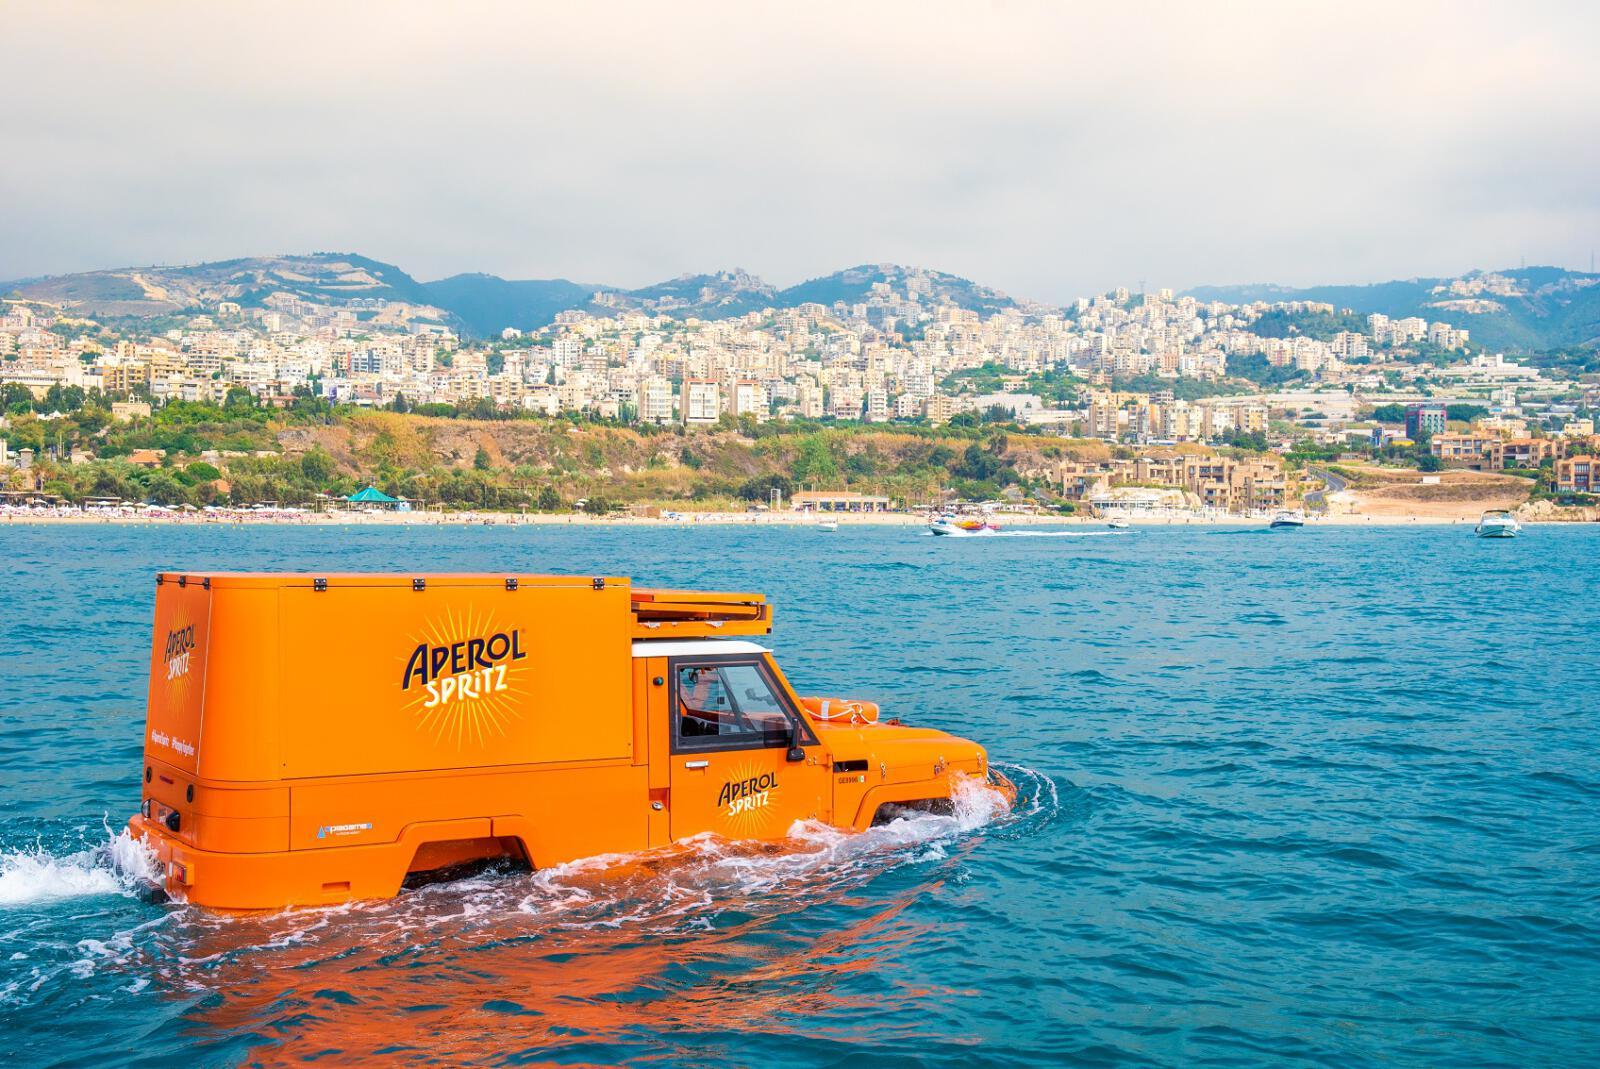 הרכב האמפיבי של Aperol